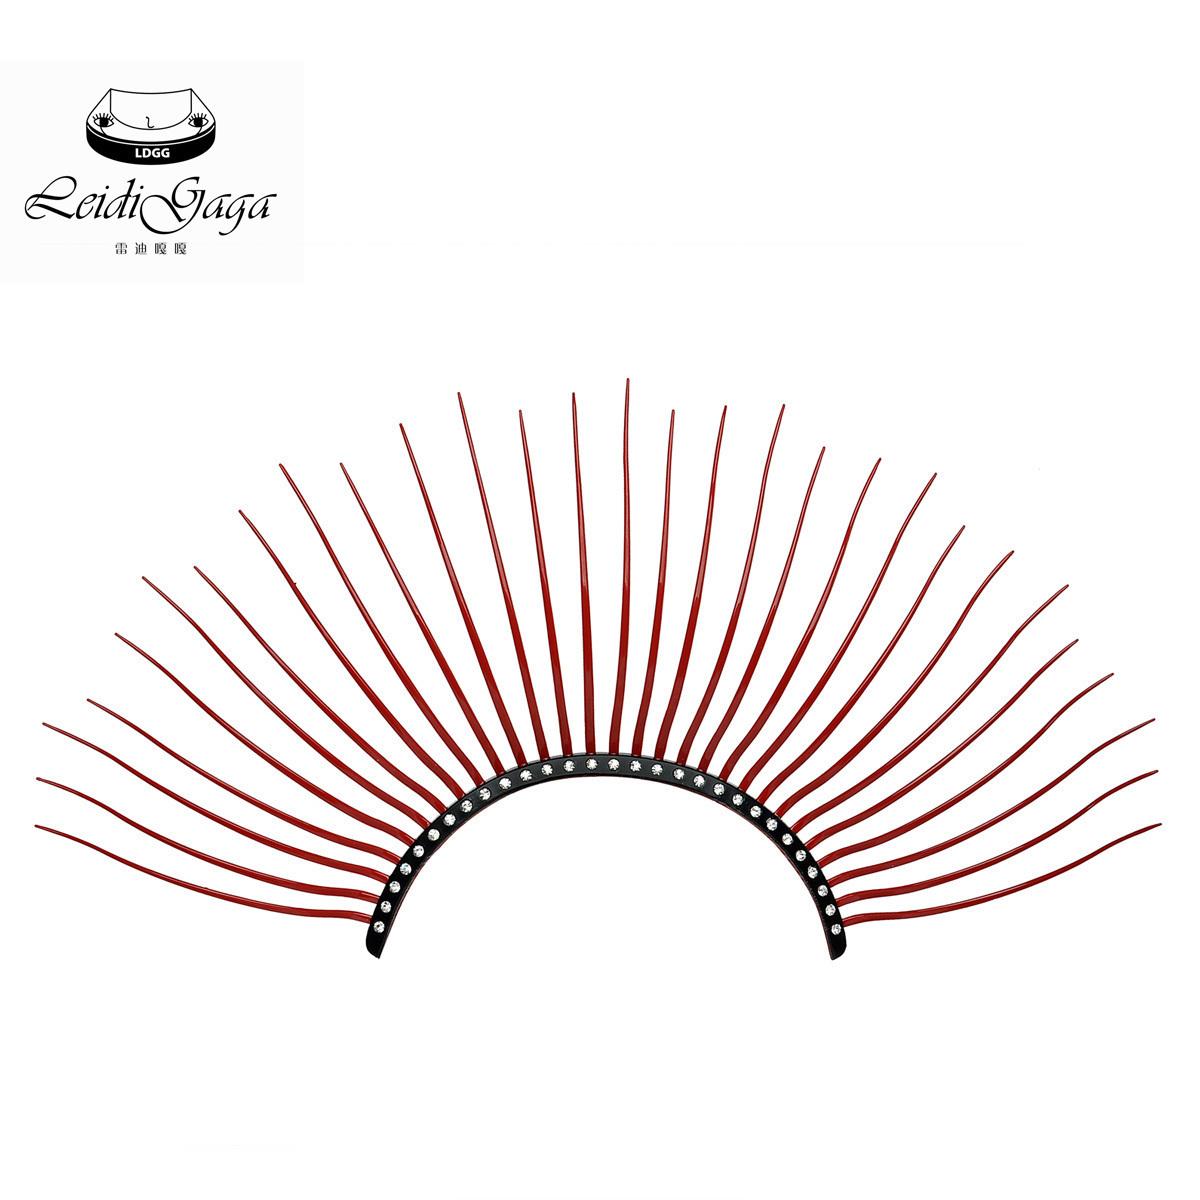 тюнинг 2012 новый креативный подарок auto частей автомобилей аксессуары автомобиль огни ресницы наружных e29